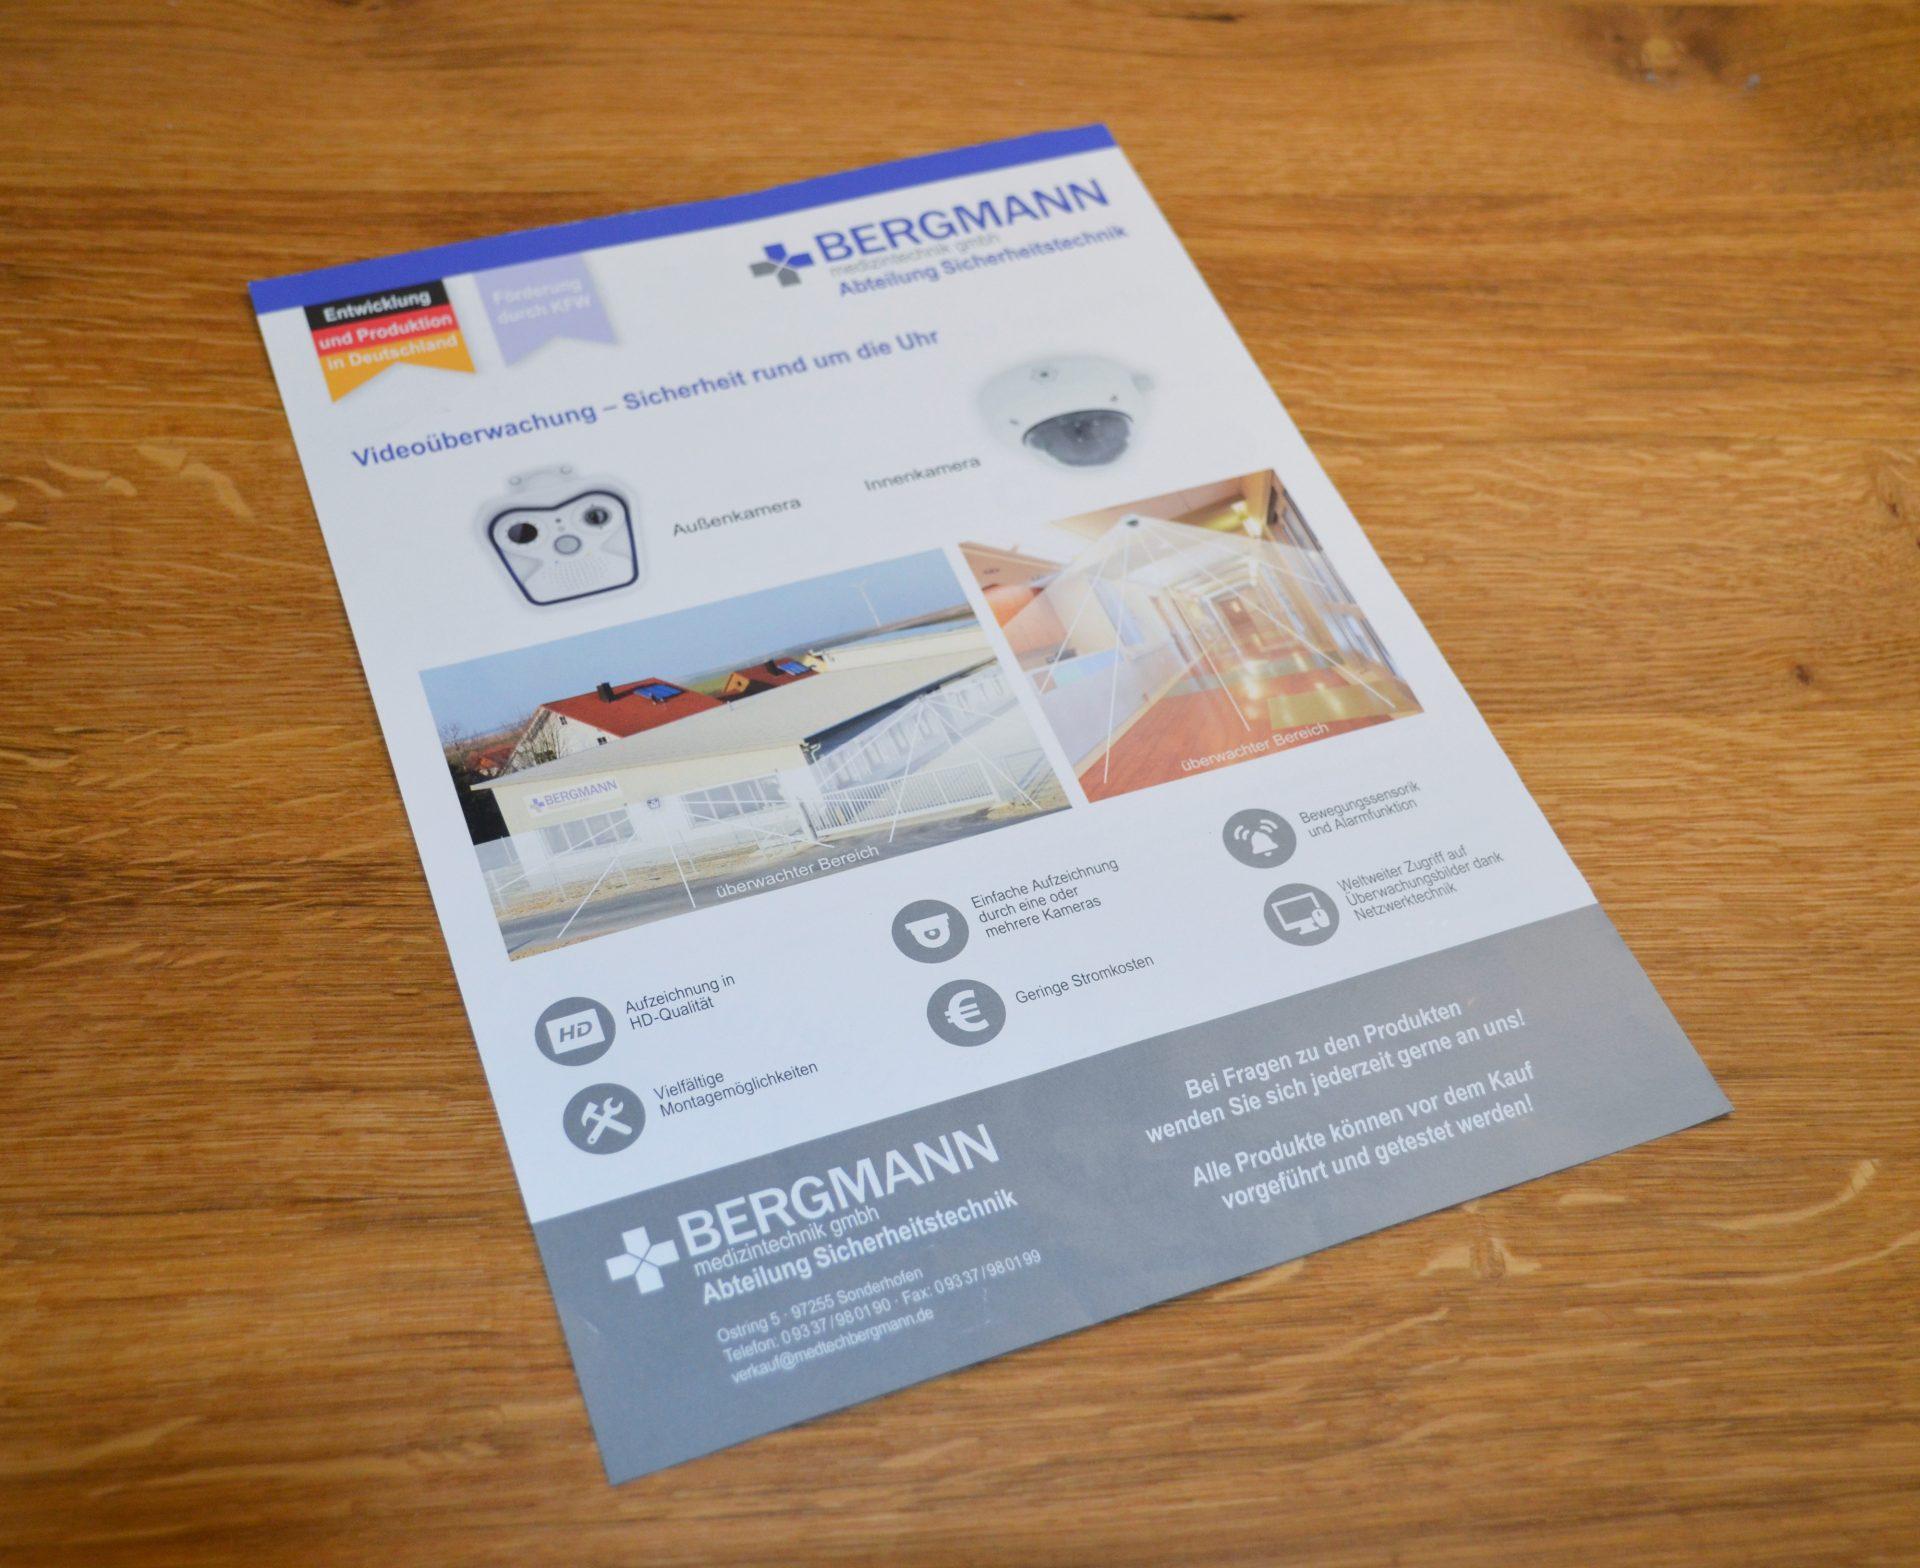 FZ Mediengestaltung - Flyer Bergmann Sicherheitstechnik Videoüberwachung